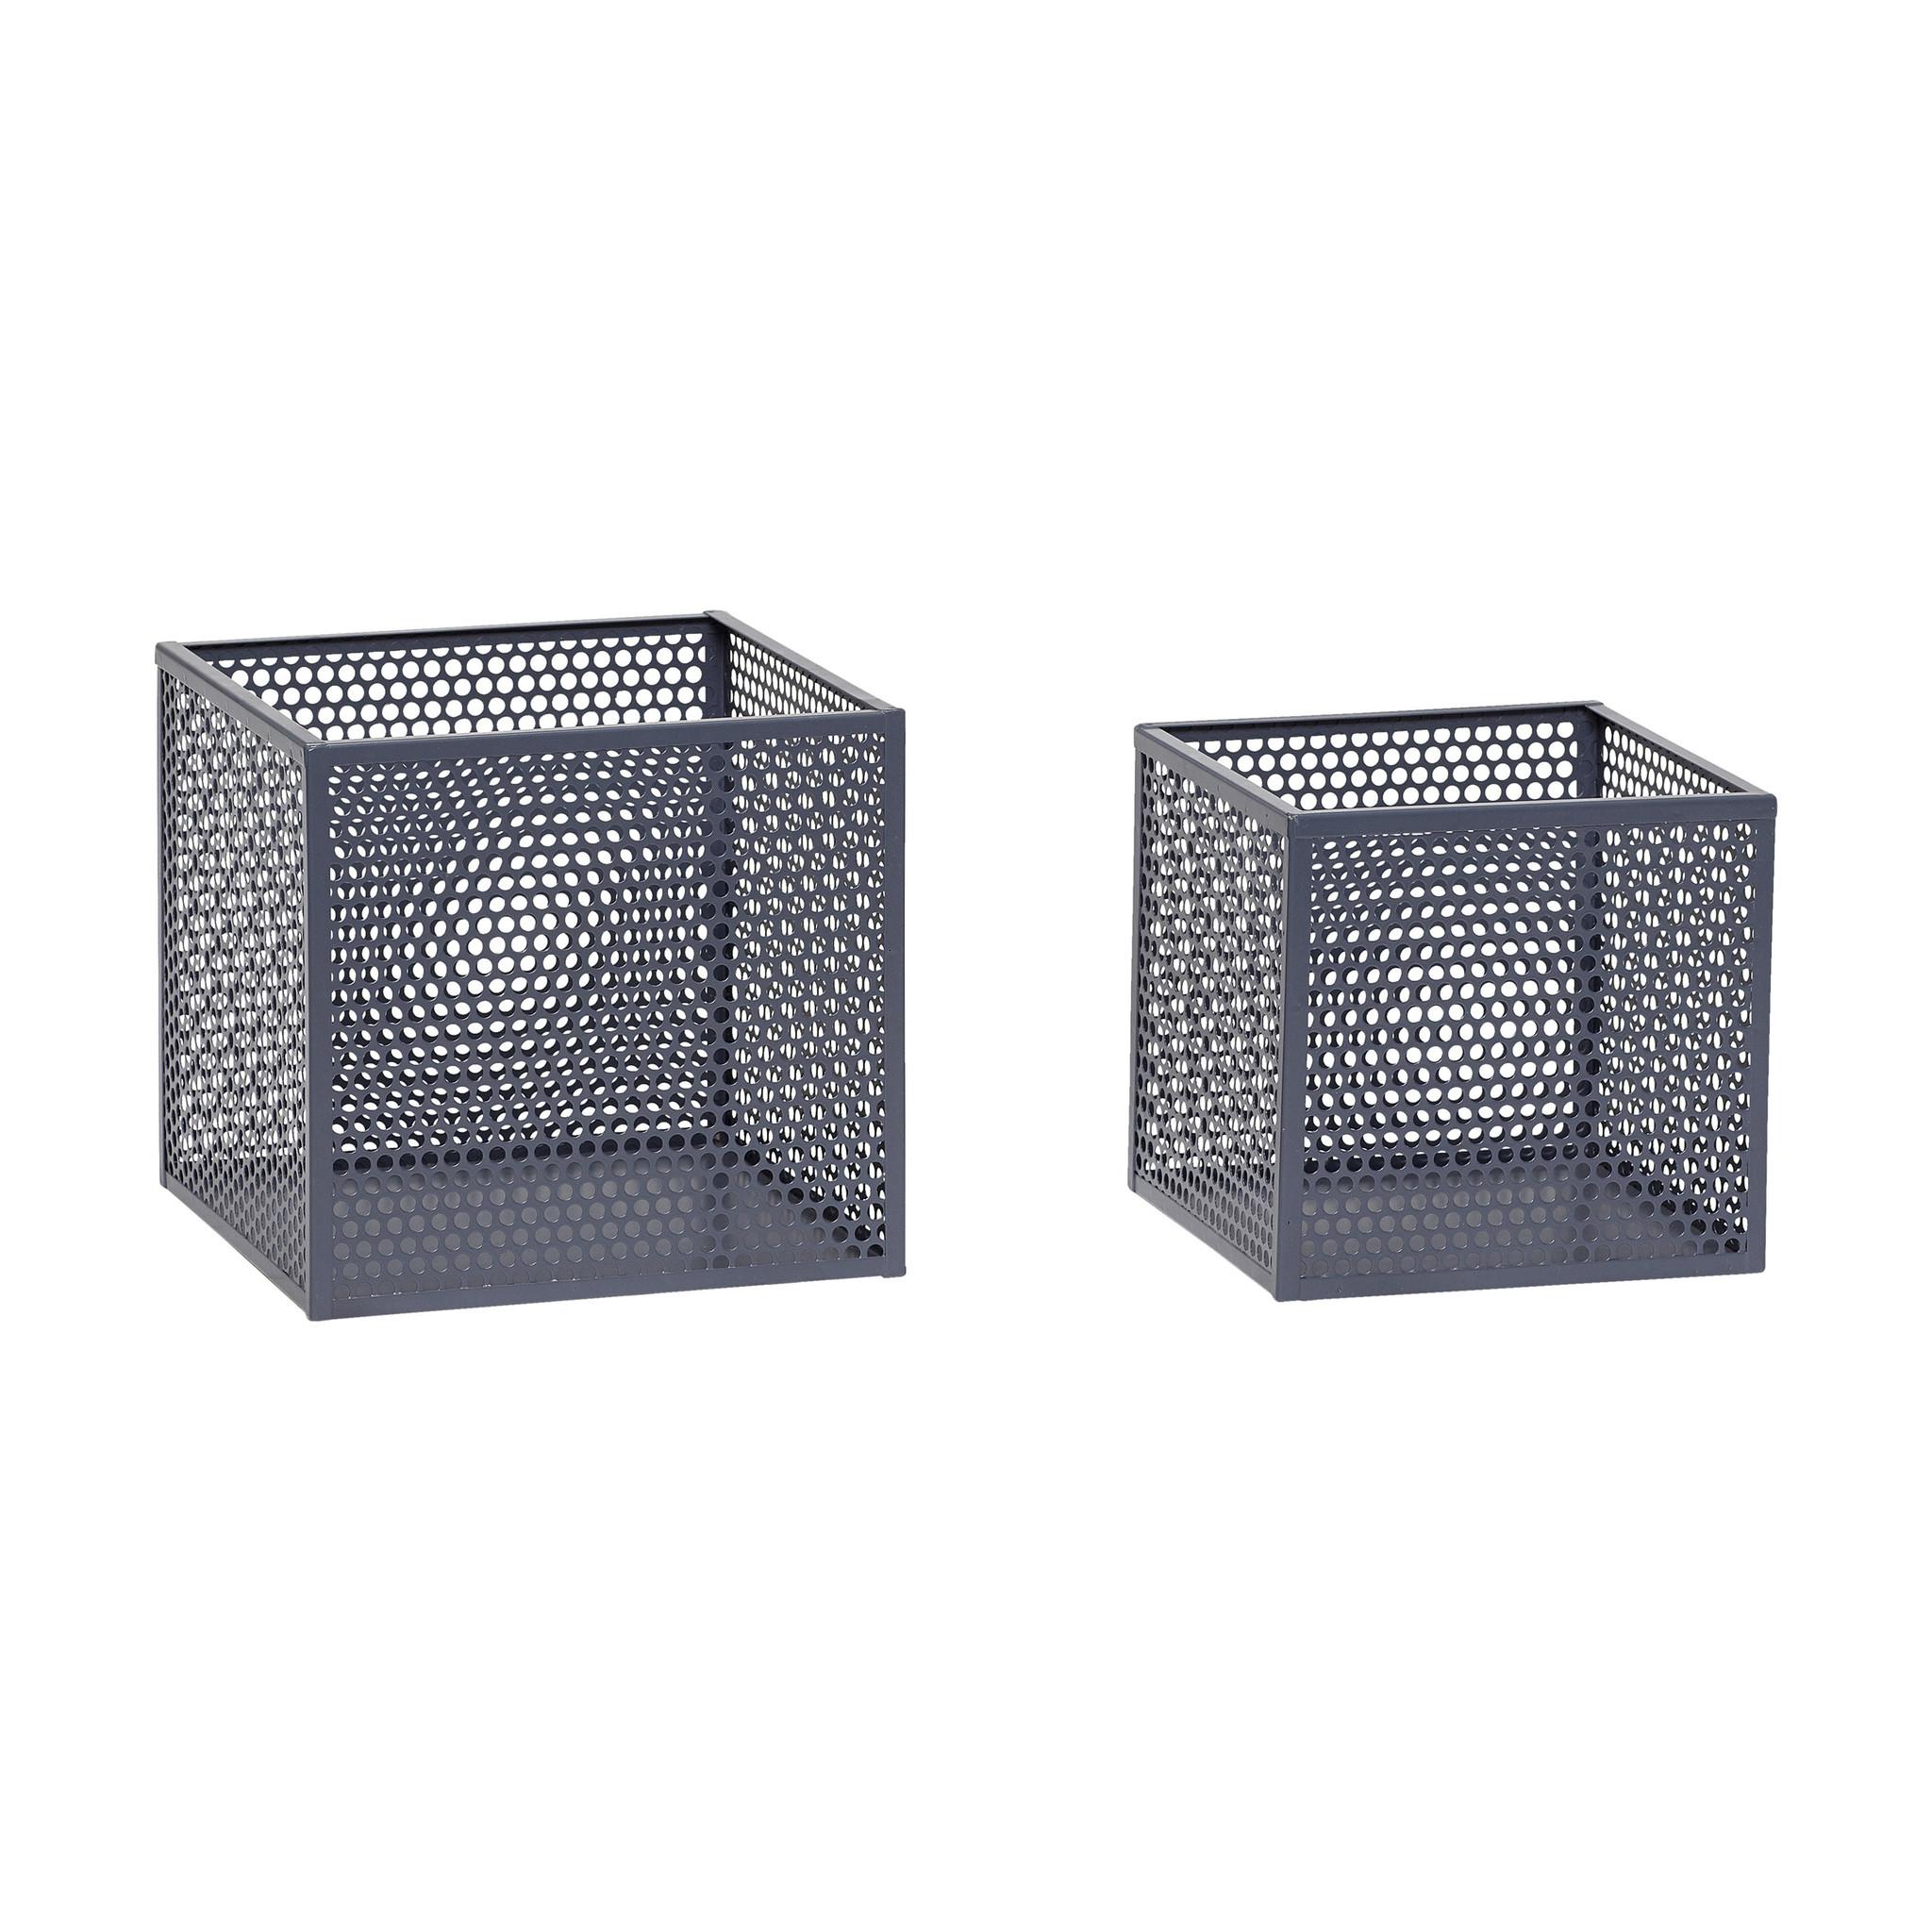 Hubsch Opbergbox, metaal, grijs, set van 2